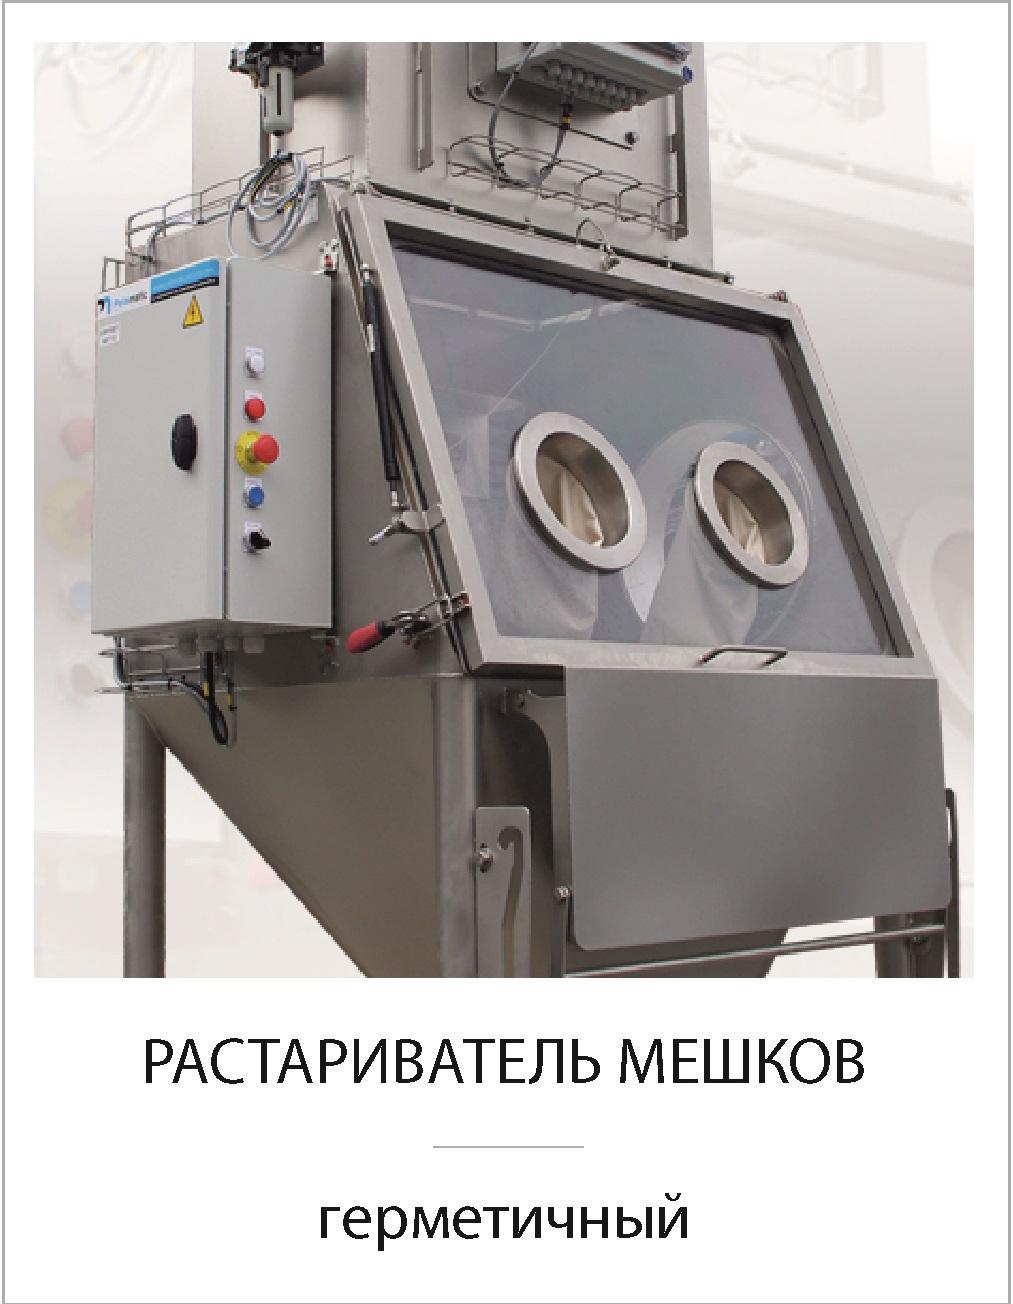 RASTARIVATEL_MEShKOV_germetichnyy.jpg